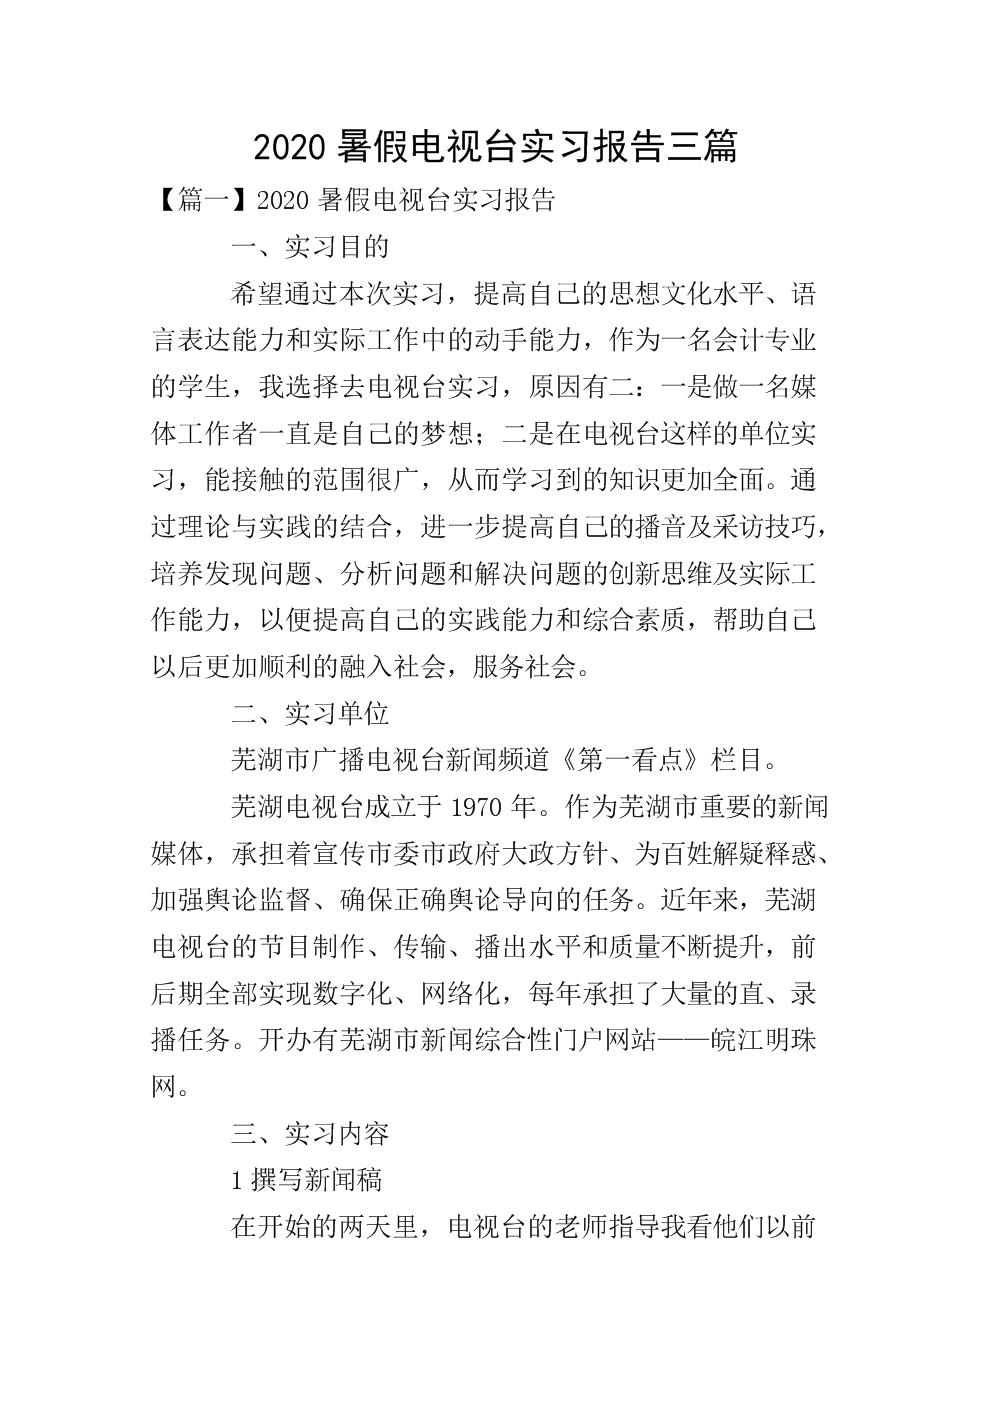 2020暑假电视台实习报告三篇.doc